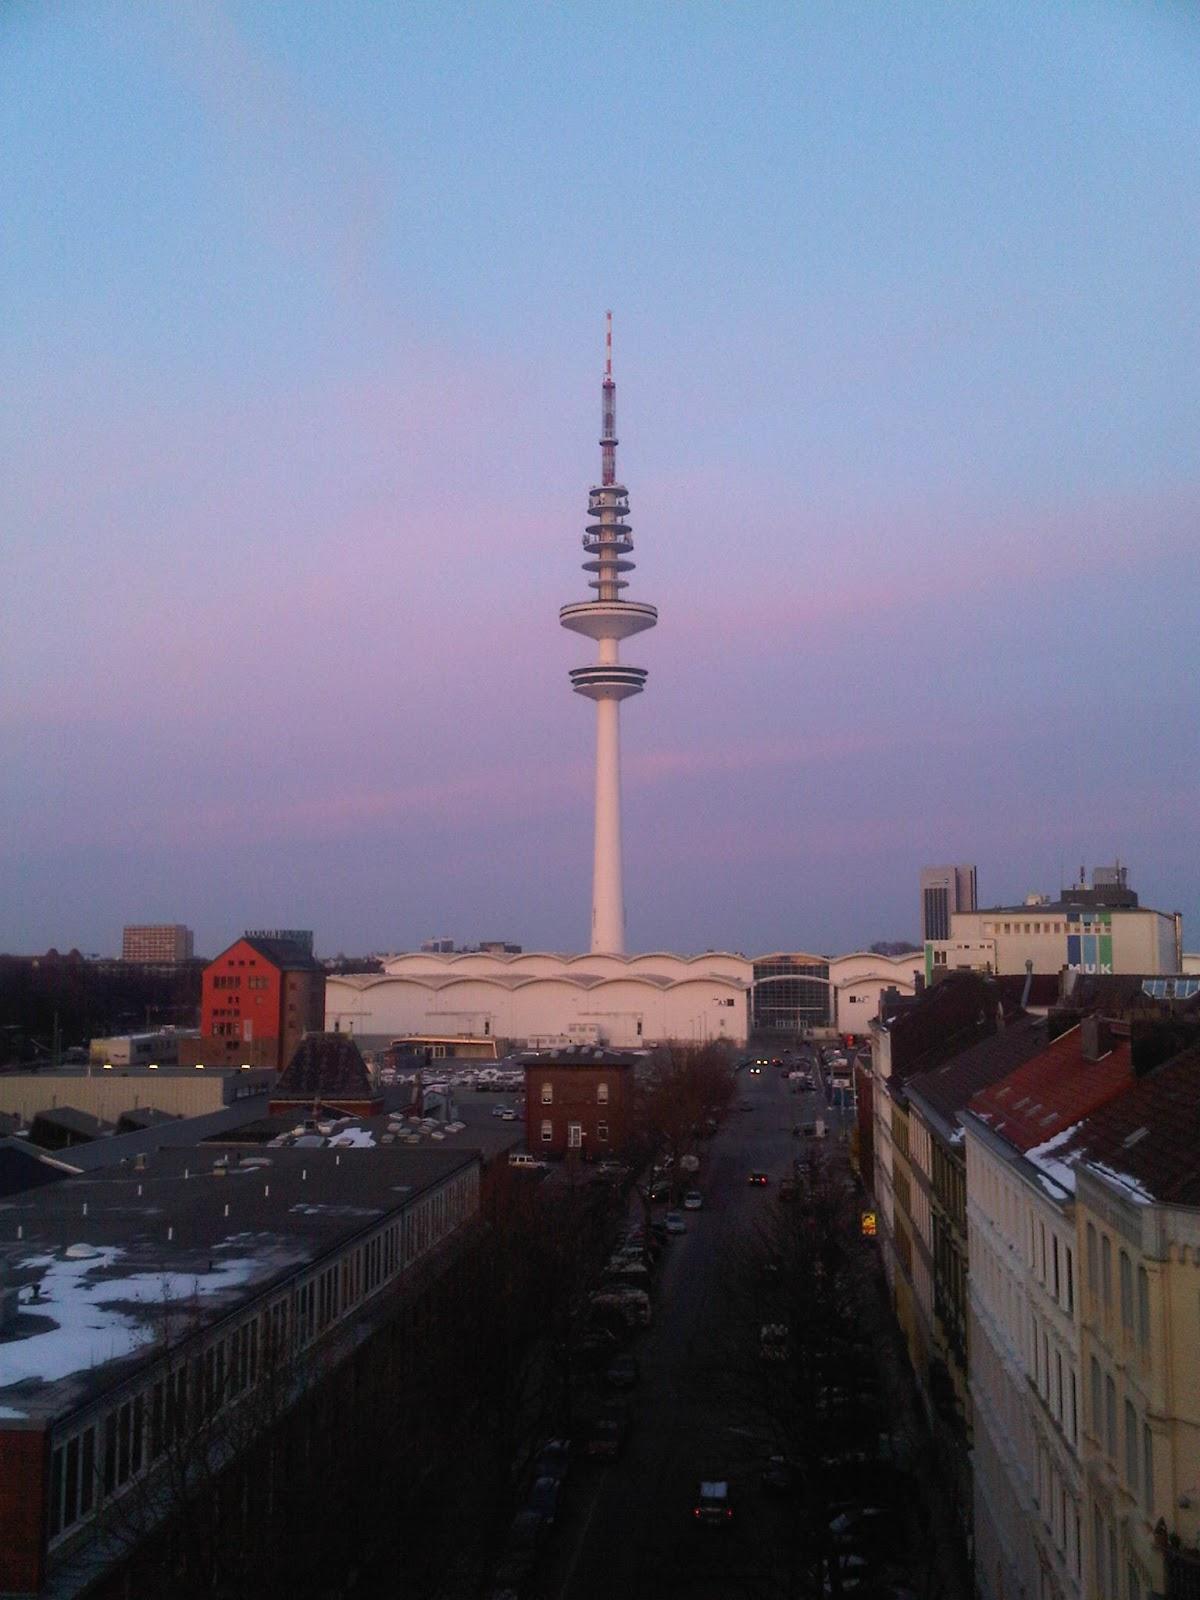 Fernsehturm von der Schanze aus mit den Messehallen zum Fuße des Fernsehturmes.